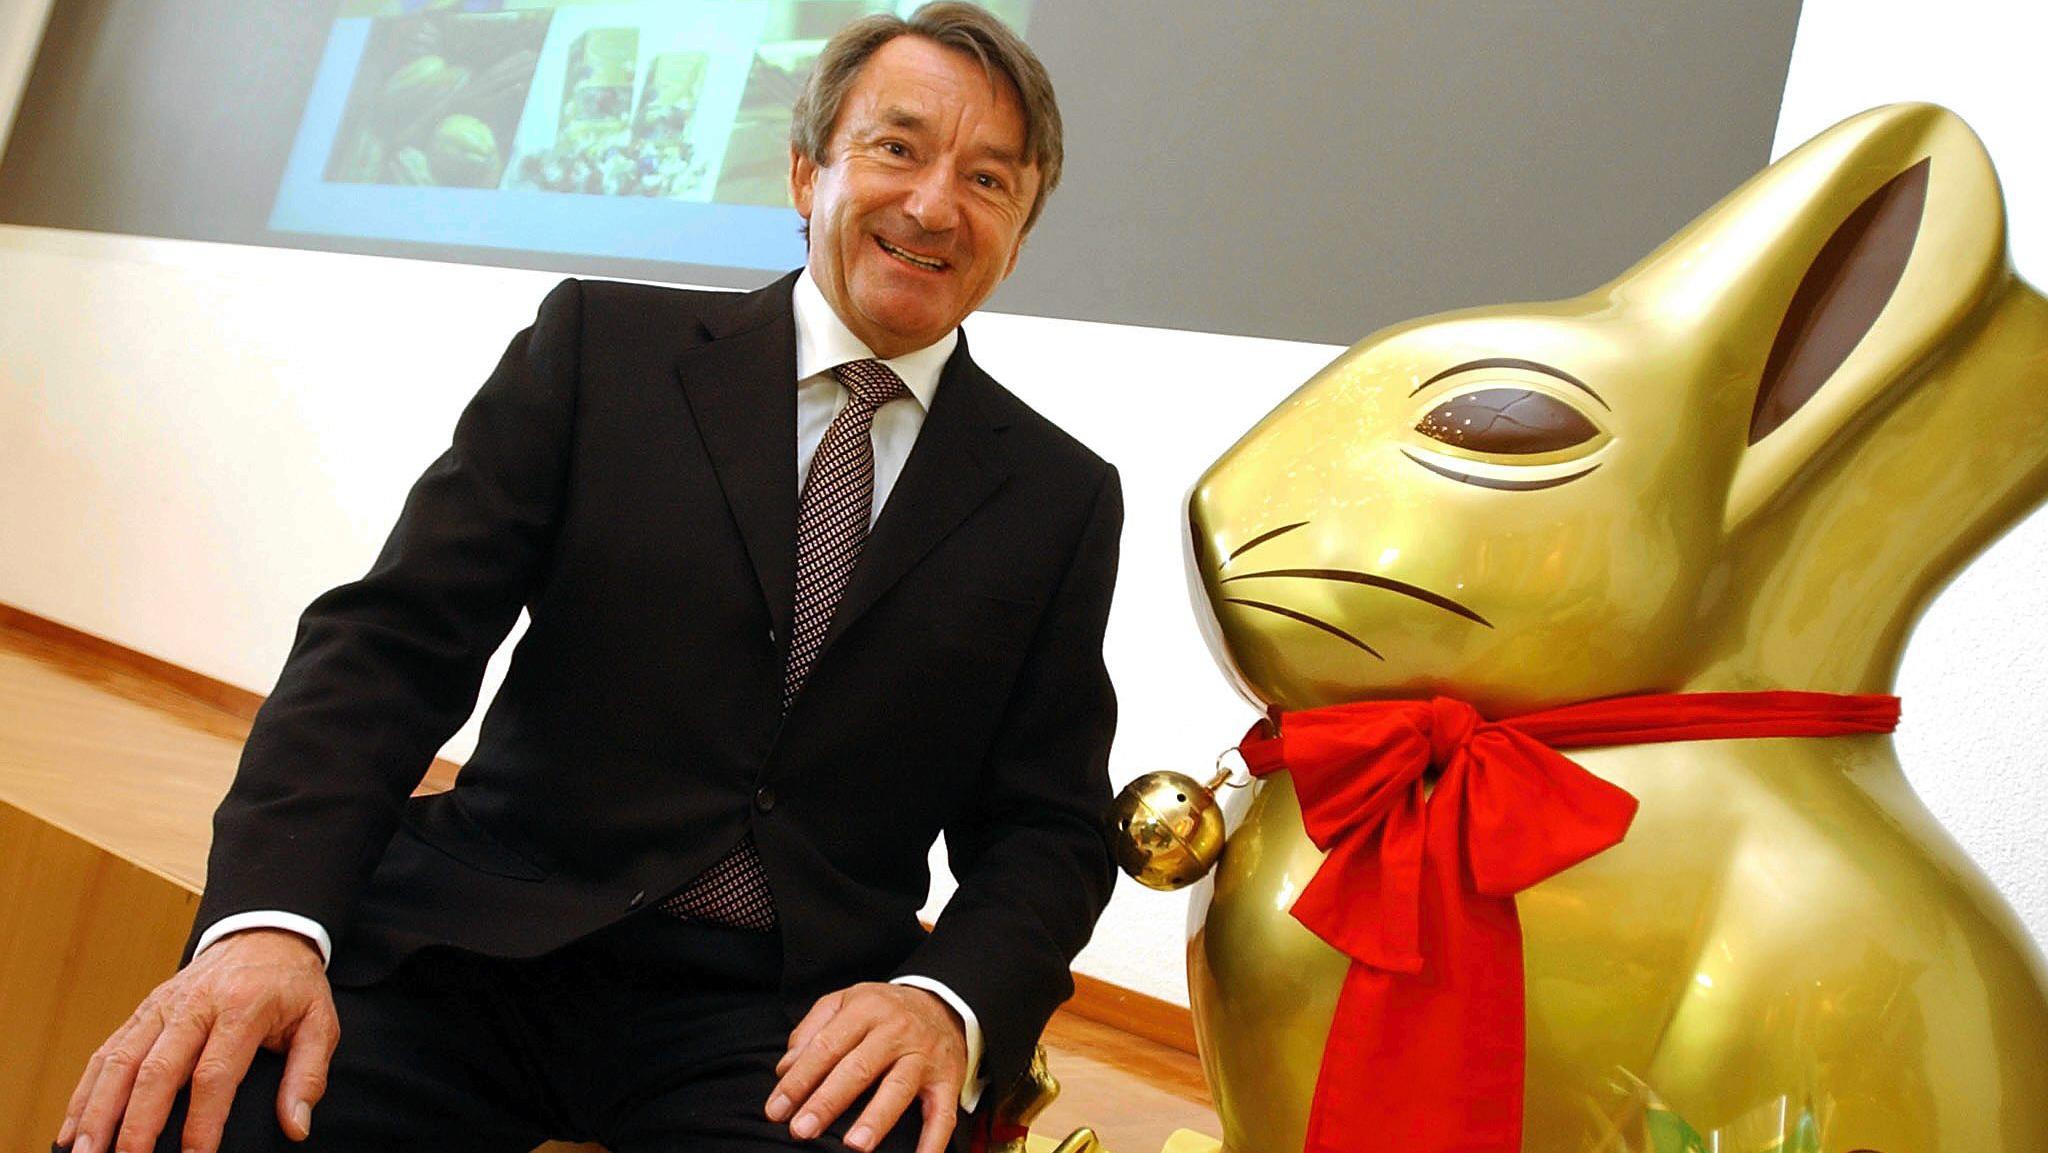 """Ernst Tanner, Vorstandsvorsitzender von Lindt & Spruengli, strahlt neben dem beruehmten """"Goldhasen"""" bei einer Medienkonferenz in Kilchberg (ZH) am Dienstag, 15. Maerz 2005. Der Schokoladenkonzern Lindt & Spruengli hat im vergangenen Geschaeftsjahr den Gewinn um 23,5 Prozent auf den Rekordwert von 151,2 Millionen Franken (97,5 Millionen Euro) gesteigert. (AP Photo/Keystone, Walter Bieri"""